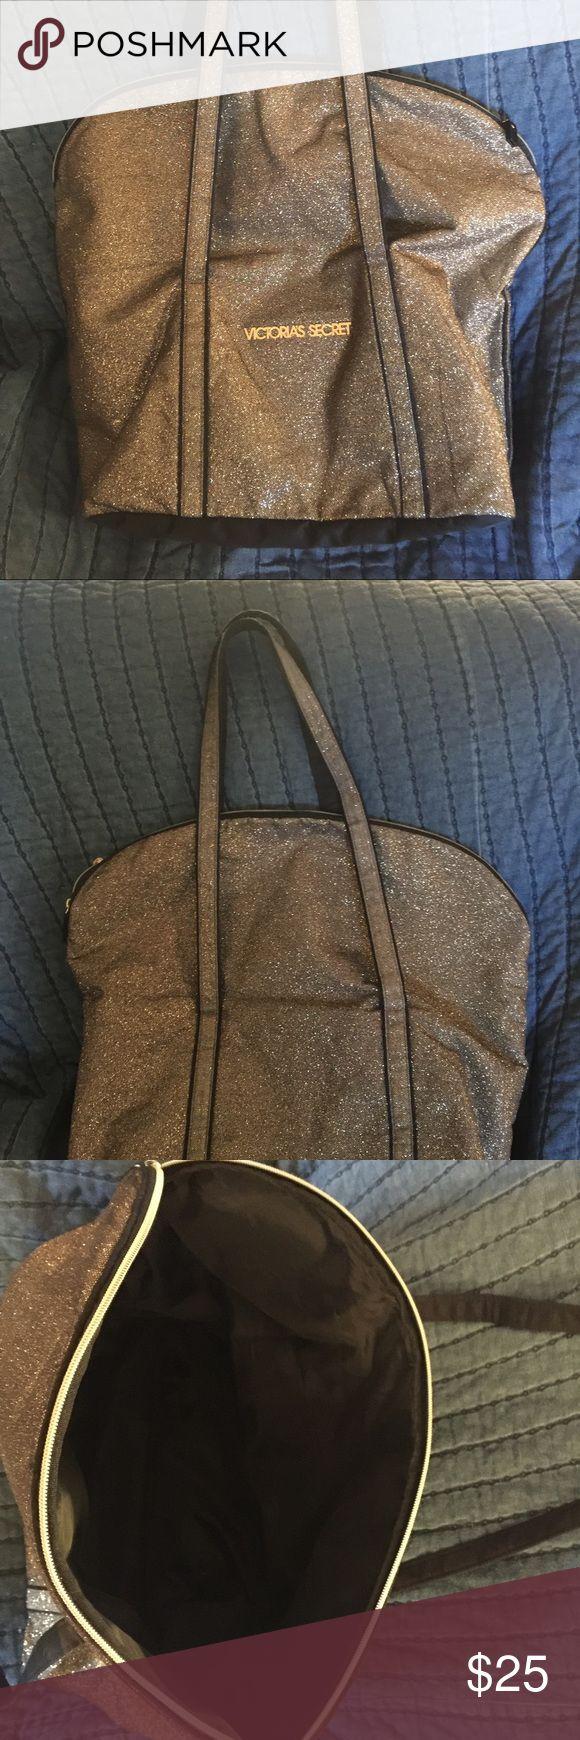 Victoria's secret tote bag gold sparkle tote bag Victoria's Secret Bags Totes